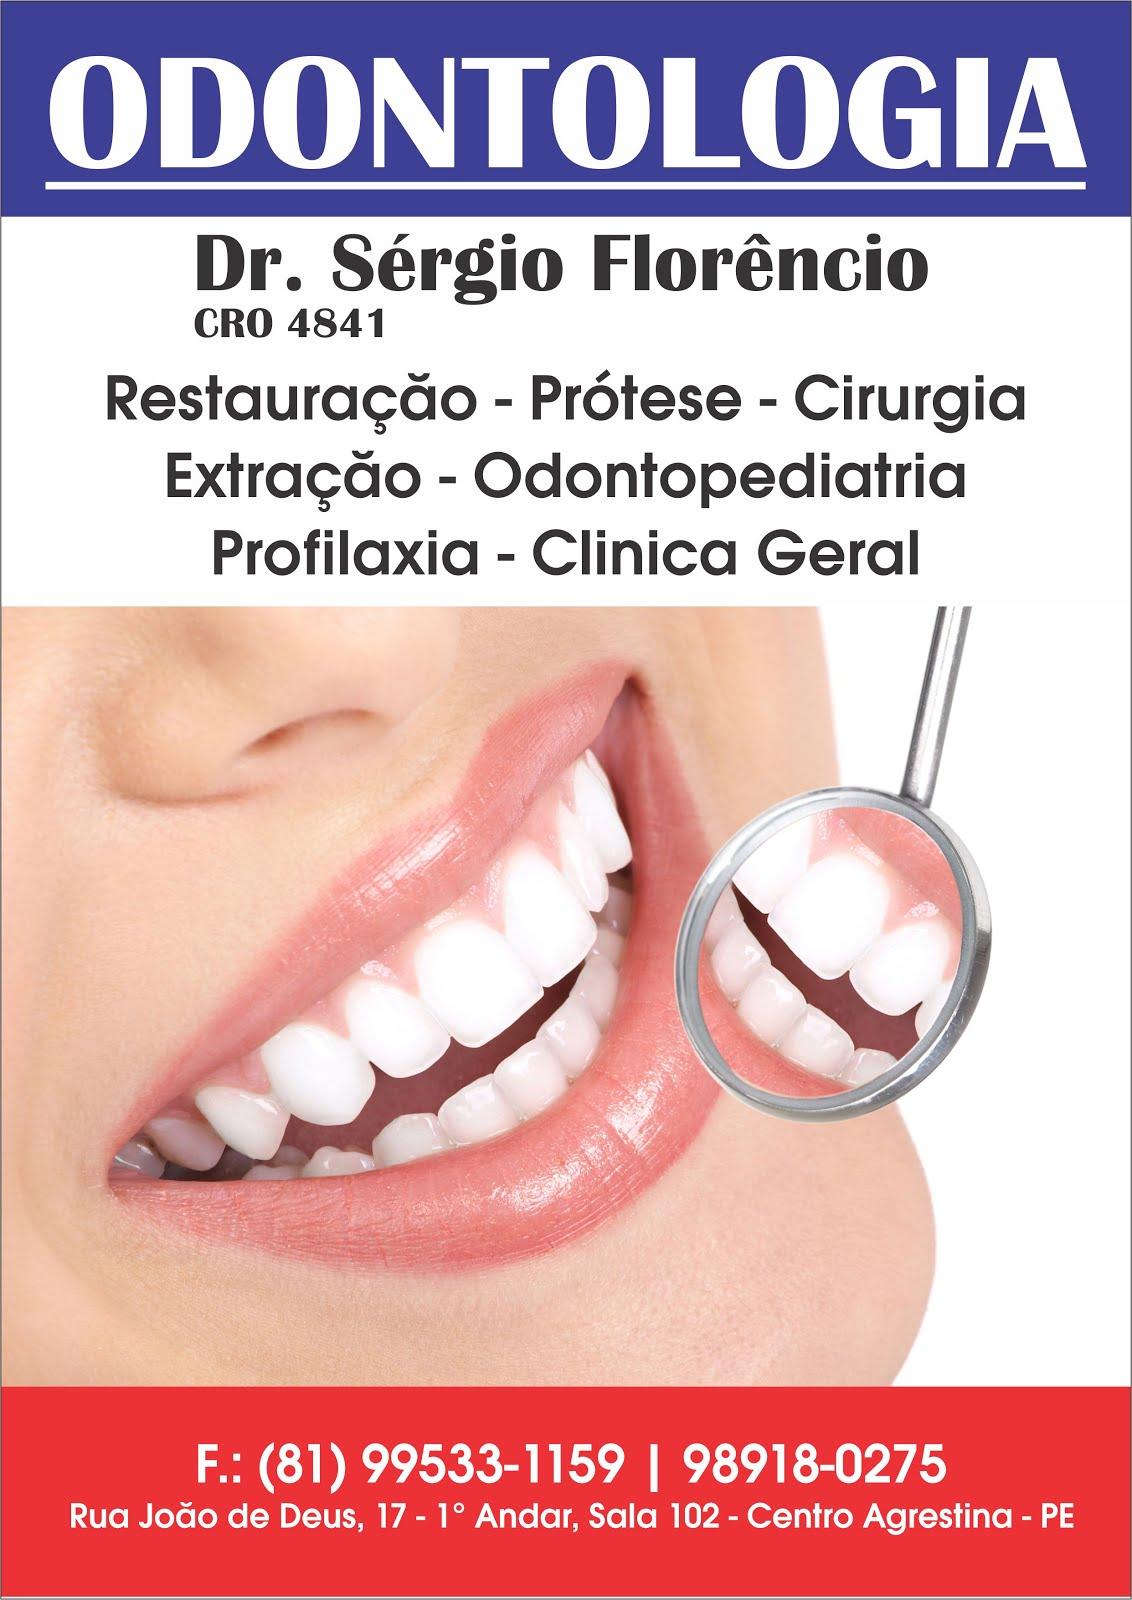 ODONTOLOGIA DOUTOR SÉRGIO FLORÊNCIO